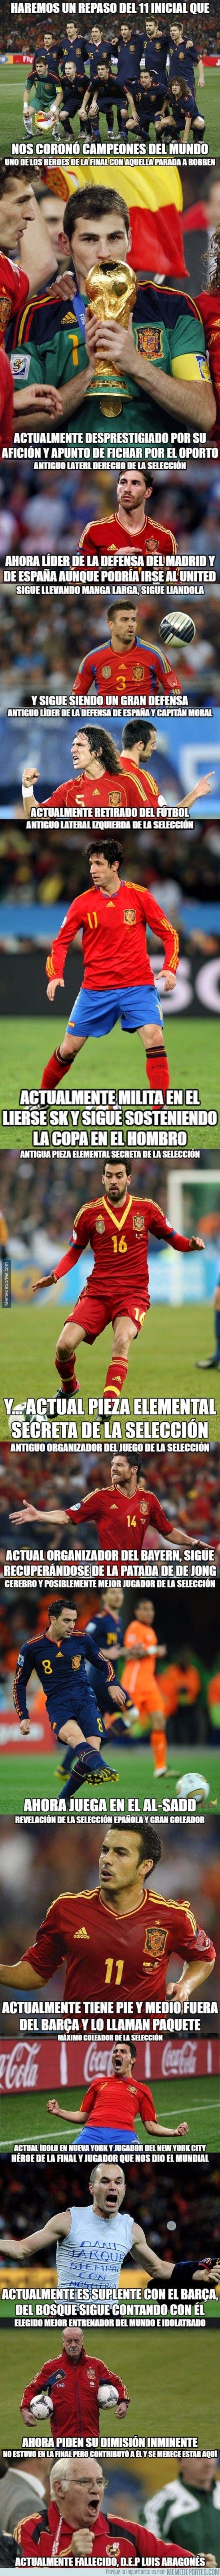 621364 - Resumen del 11 de la selección española que nos dio el Mundial